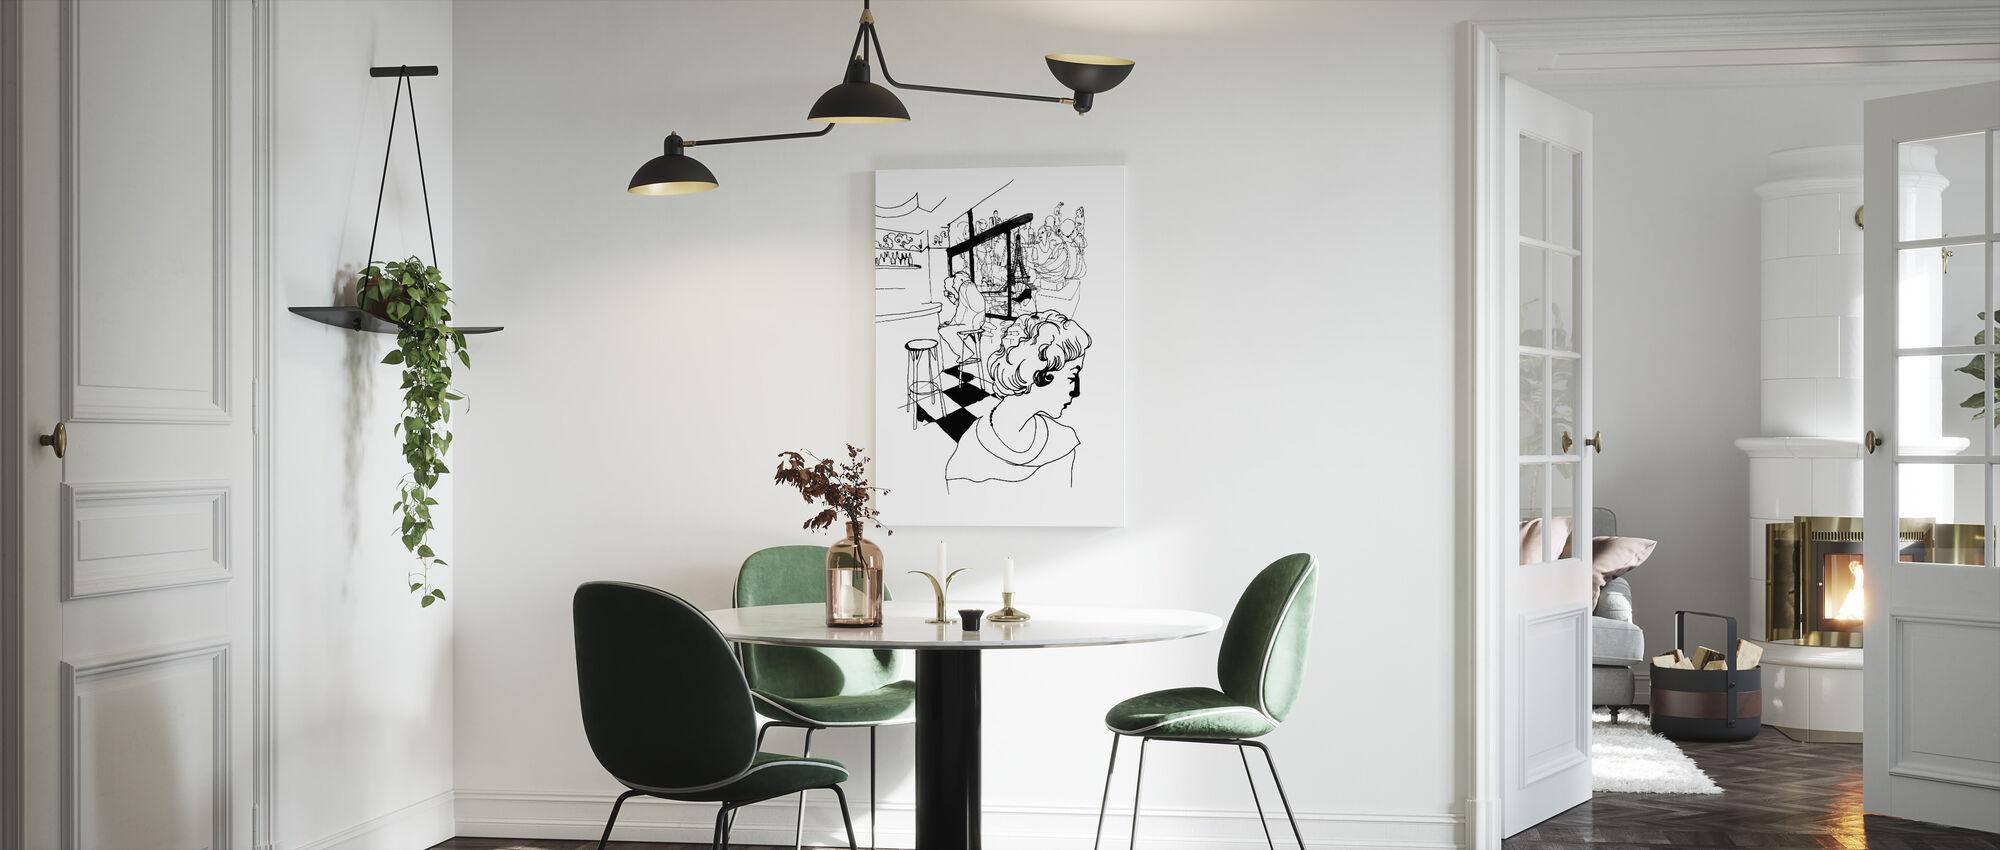 Koffie in Parijs - Canvas print - Keuken